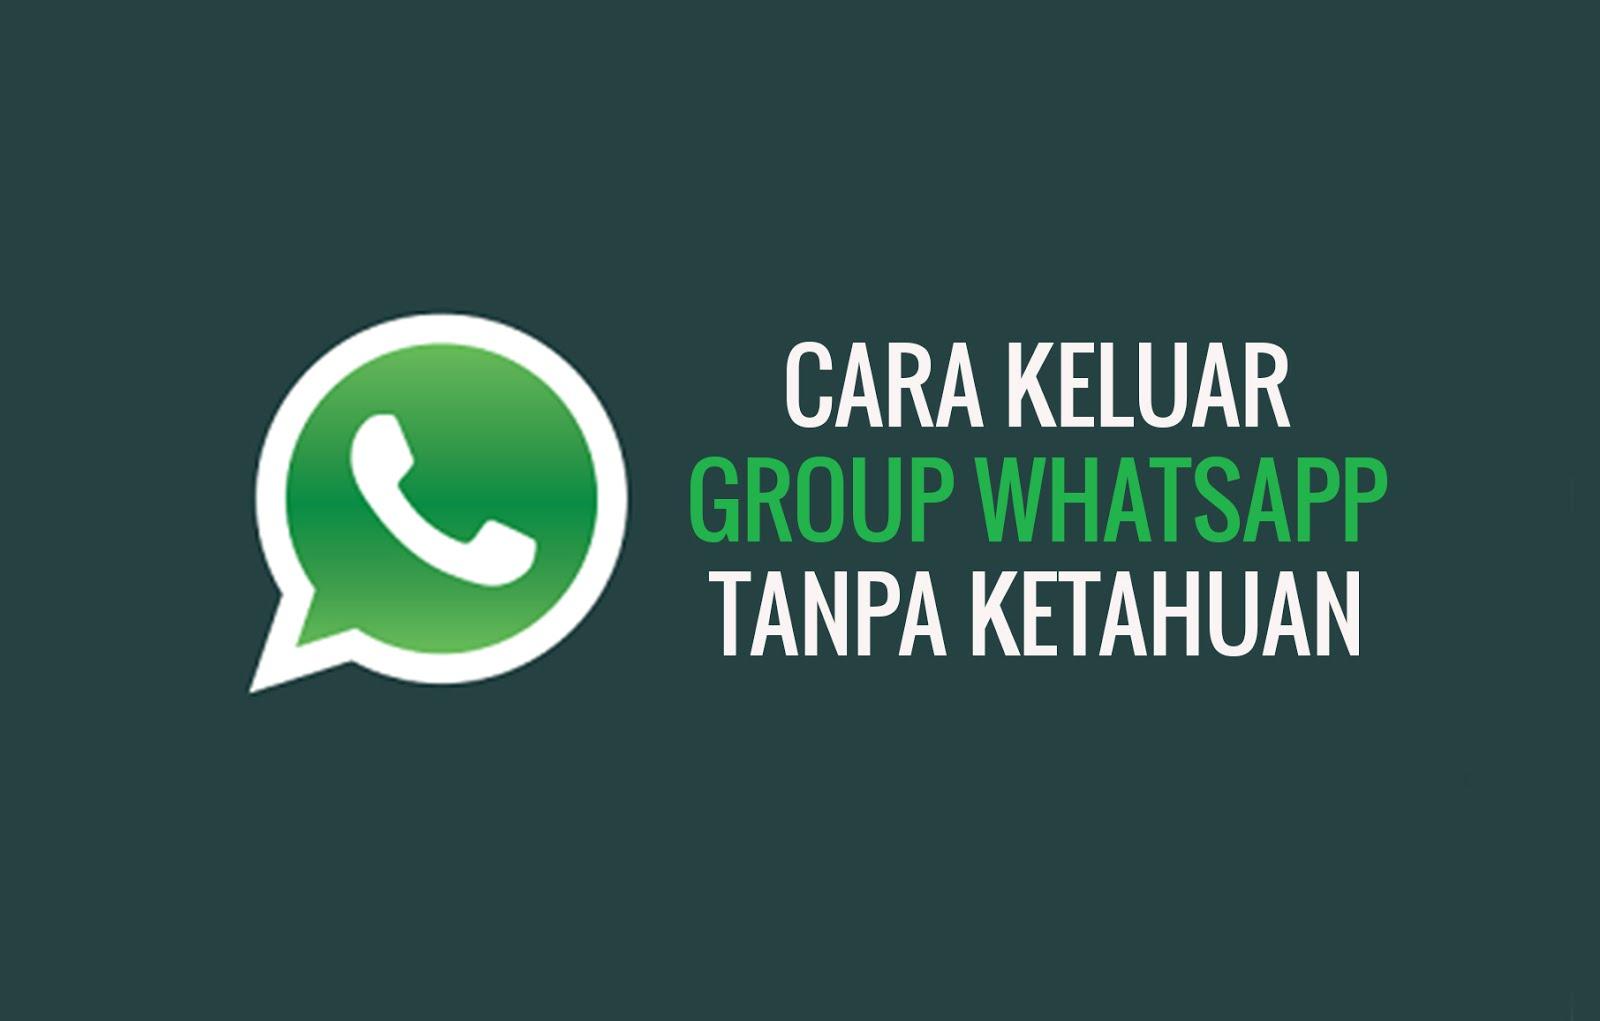 Cara Keluar Group Whatsapp Tanpa Ketahuan